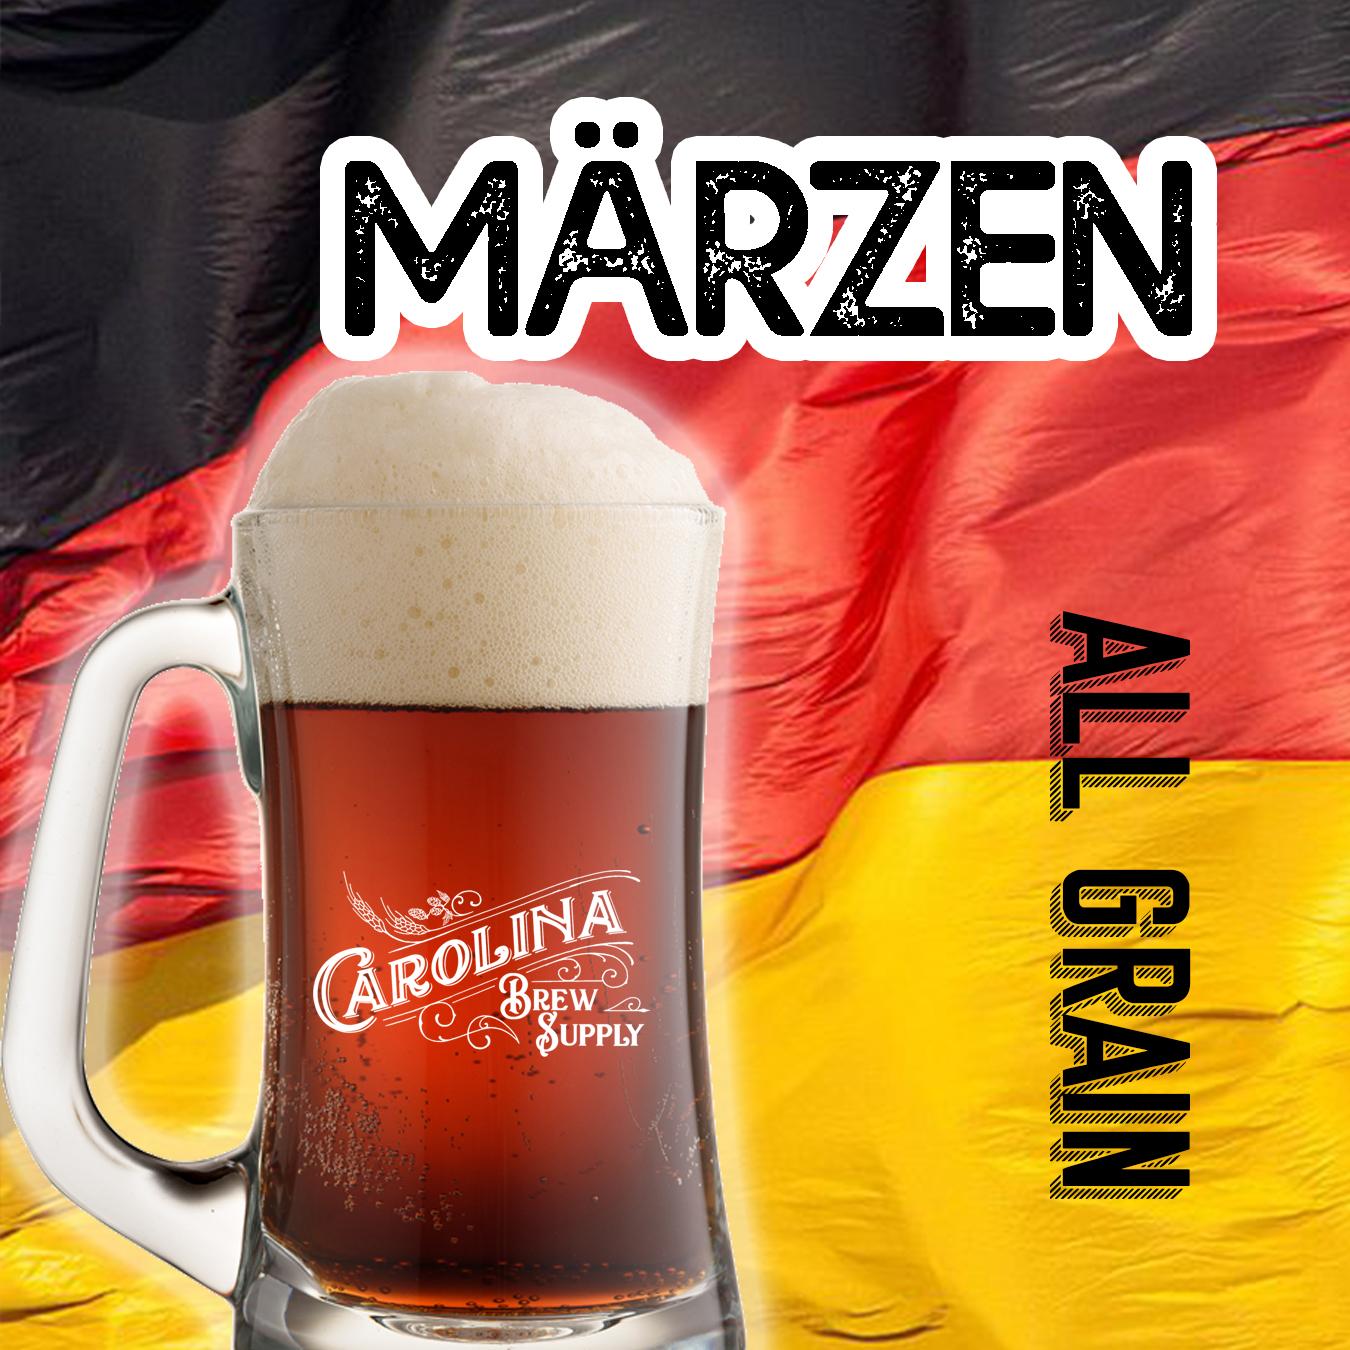 Oktoberfest / Marzen All Grain Recipe Kit